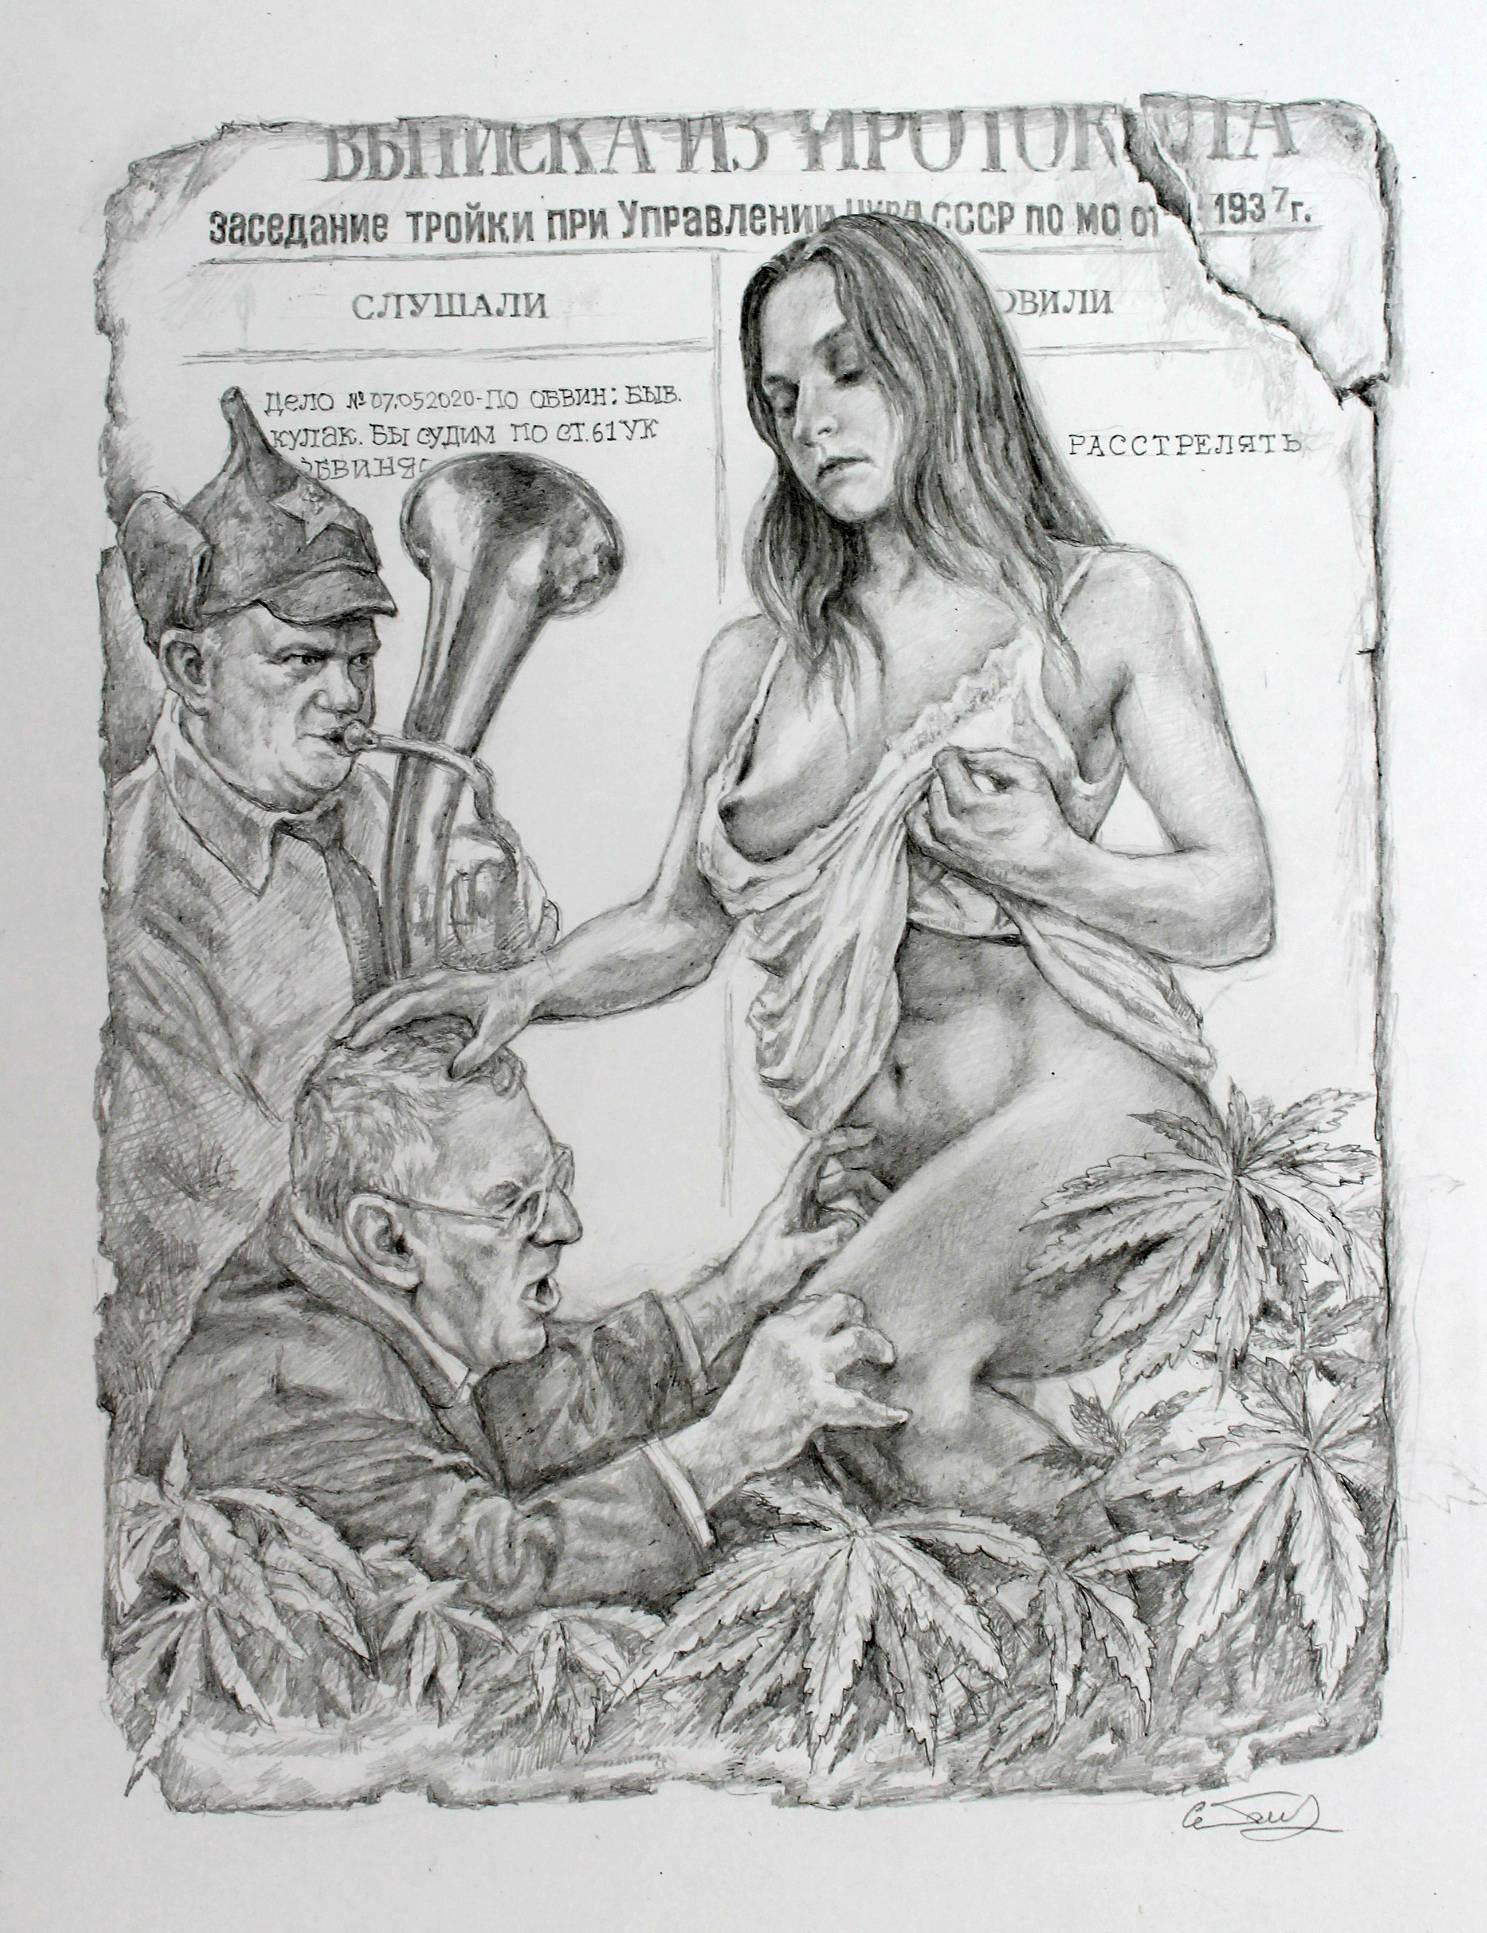 Всадник Золотая Труба, или экспресс-тестирование Риты на совместимость с Мастером, после волшебной мази